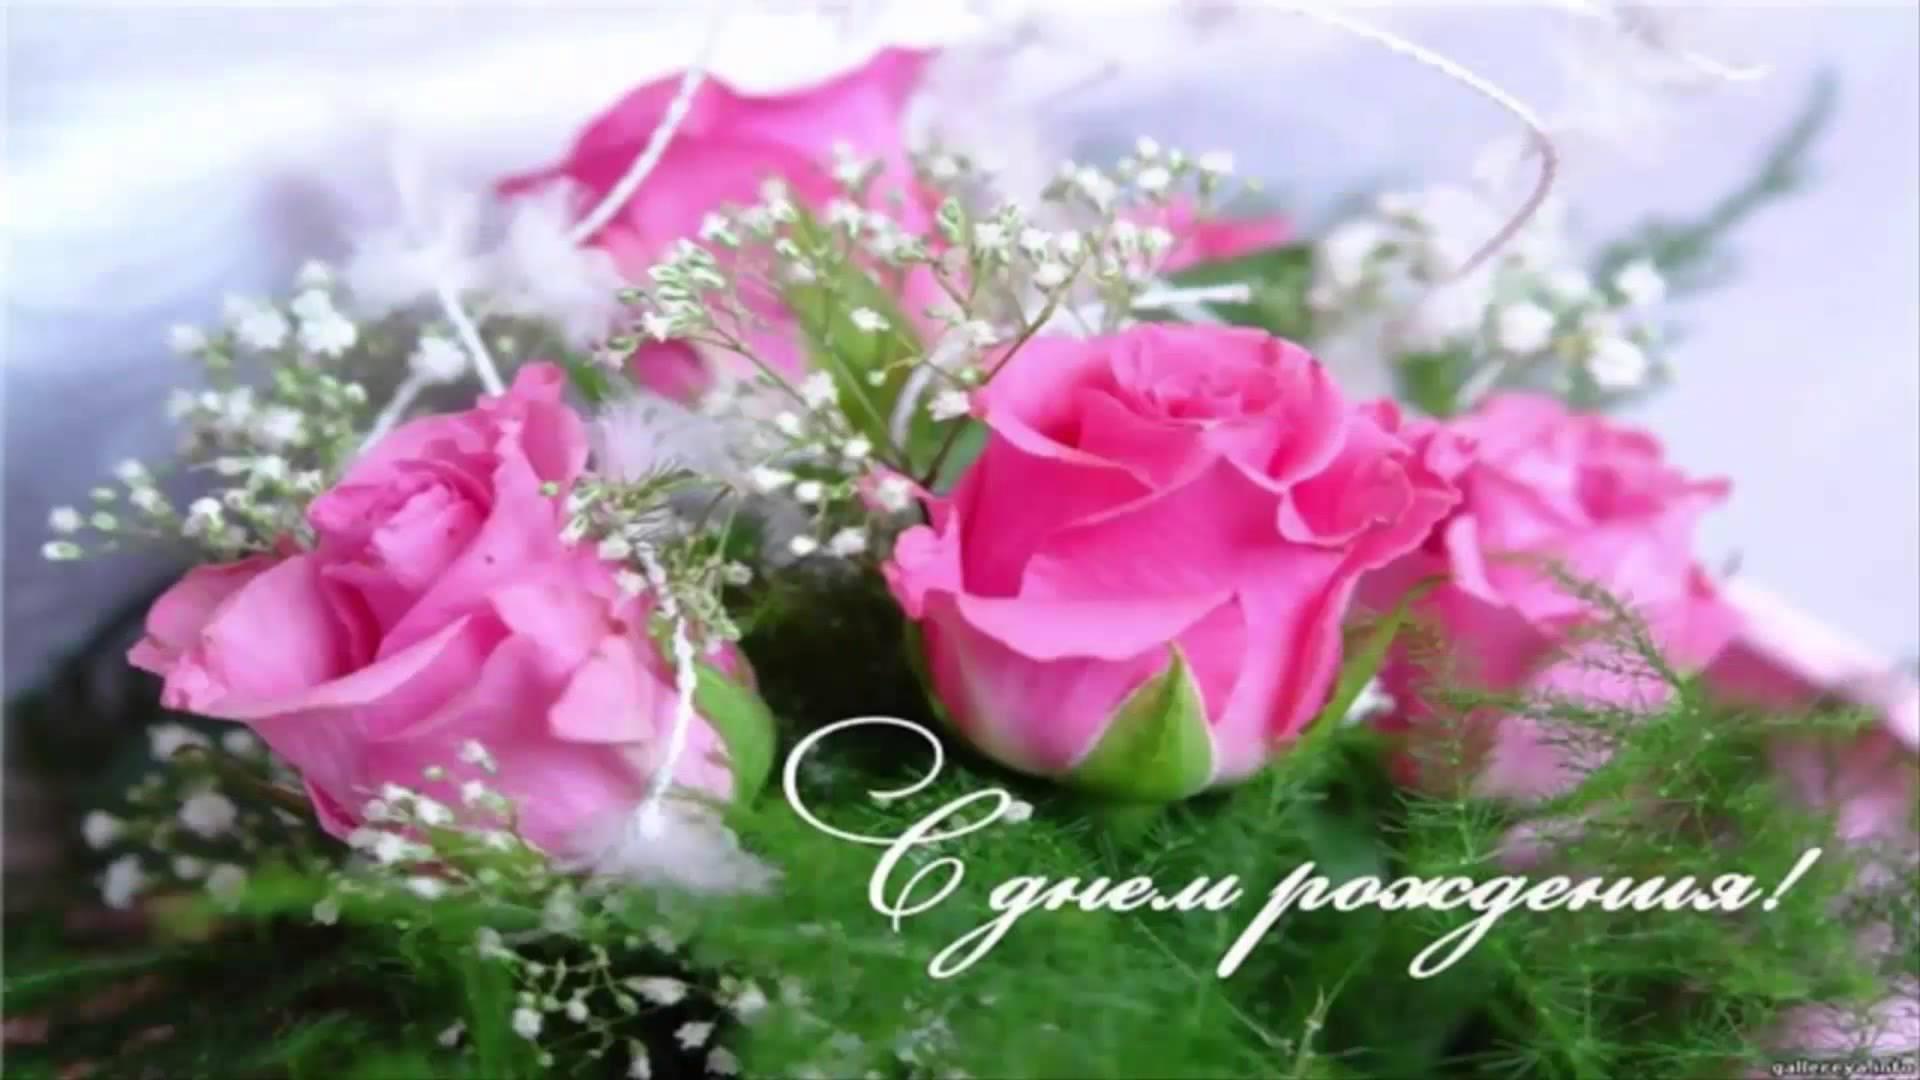 Золушка, милая, с Днем Рождения! - Страница 3 0d53579343ec8e5409bae2c7bcc45a00